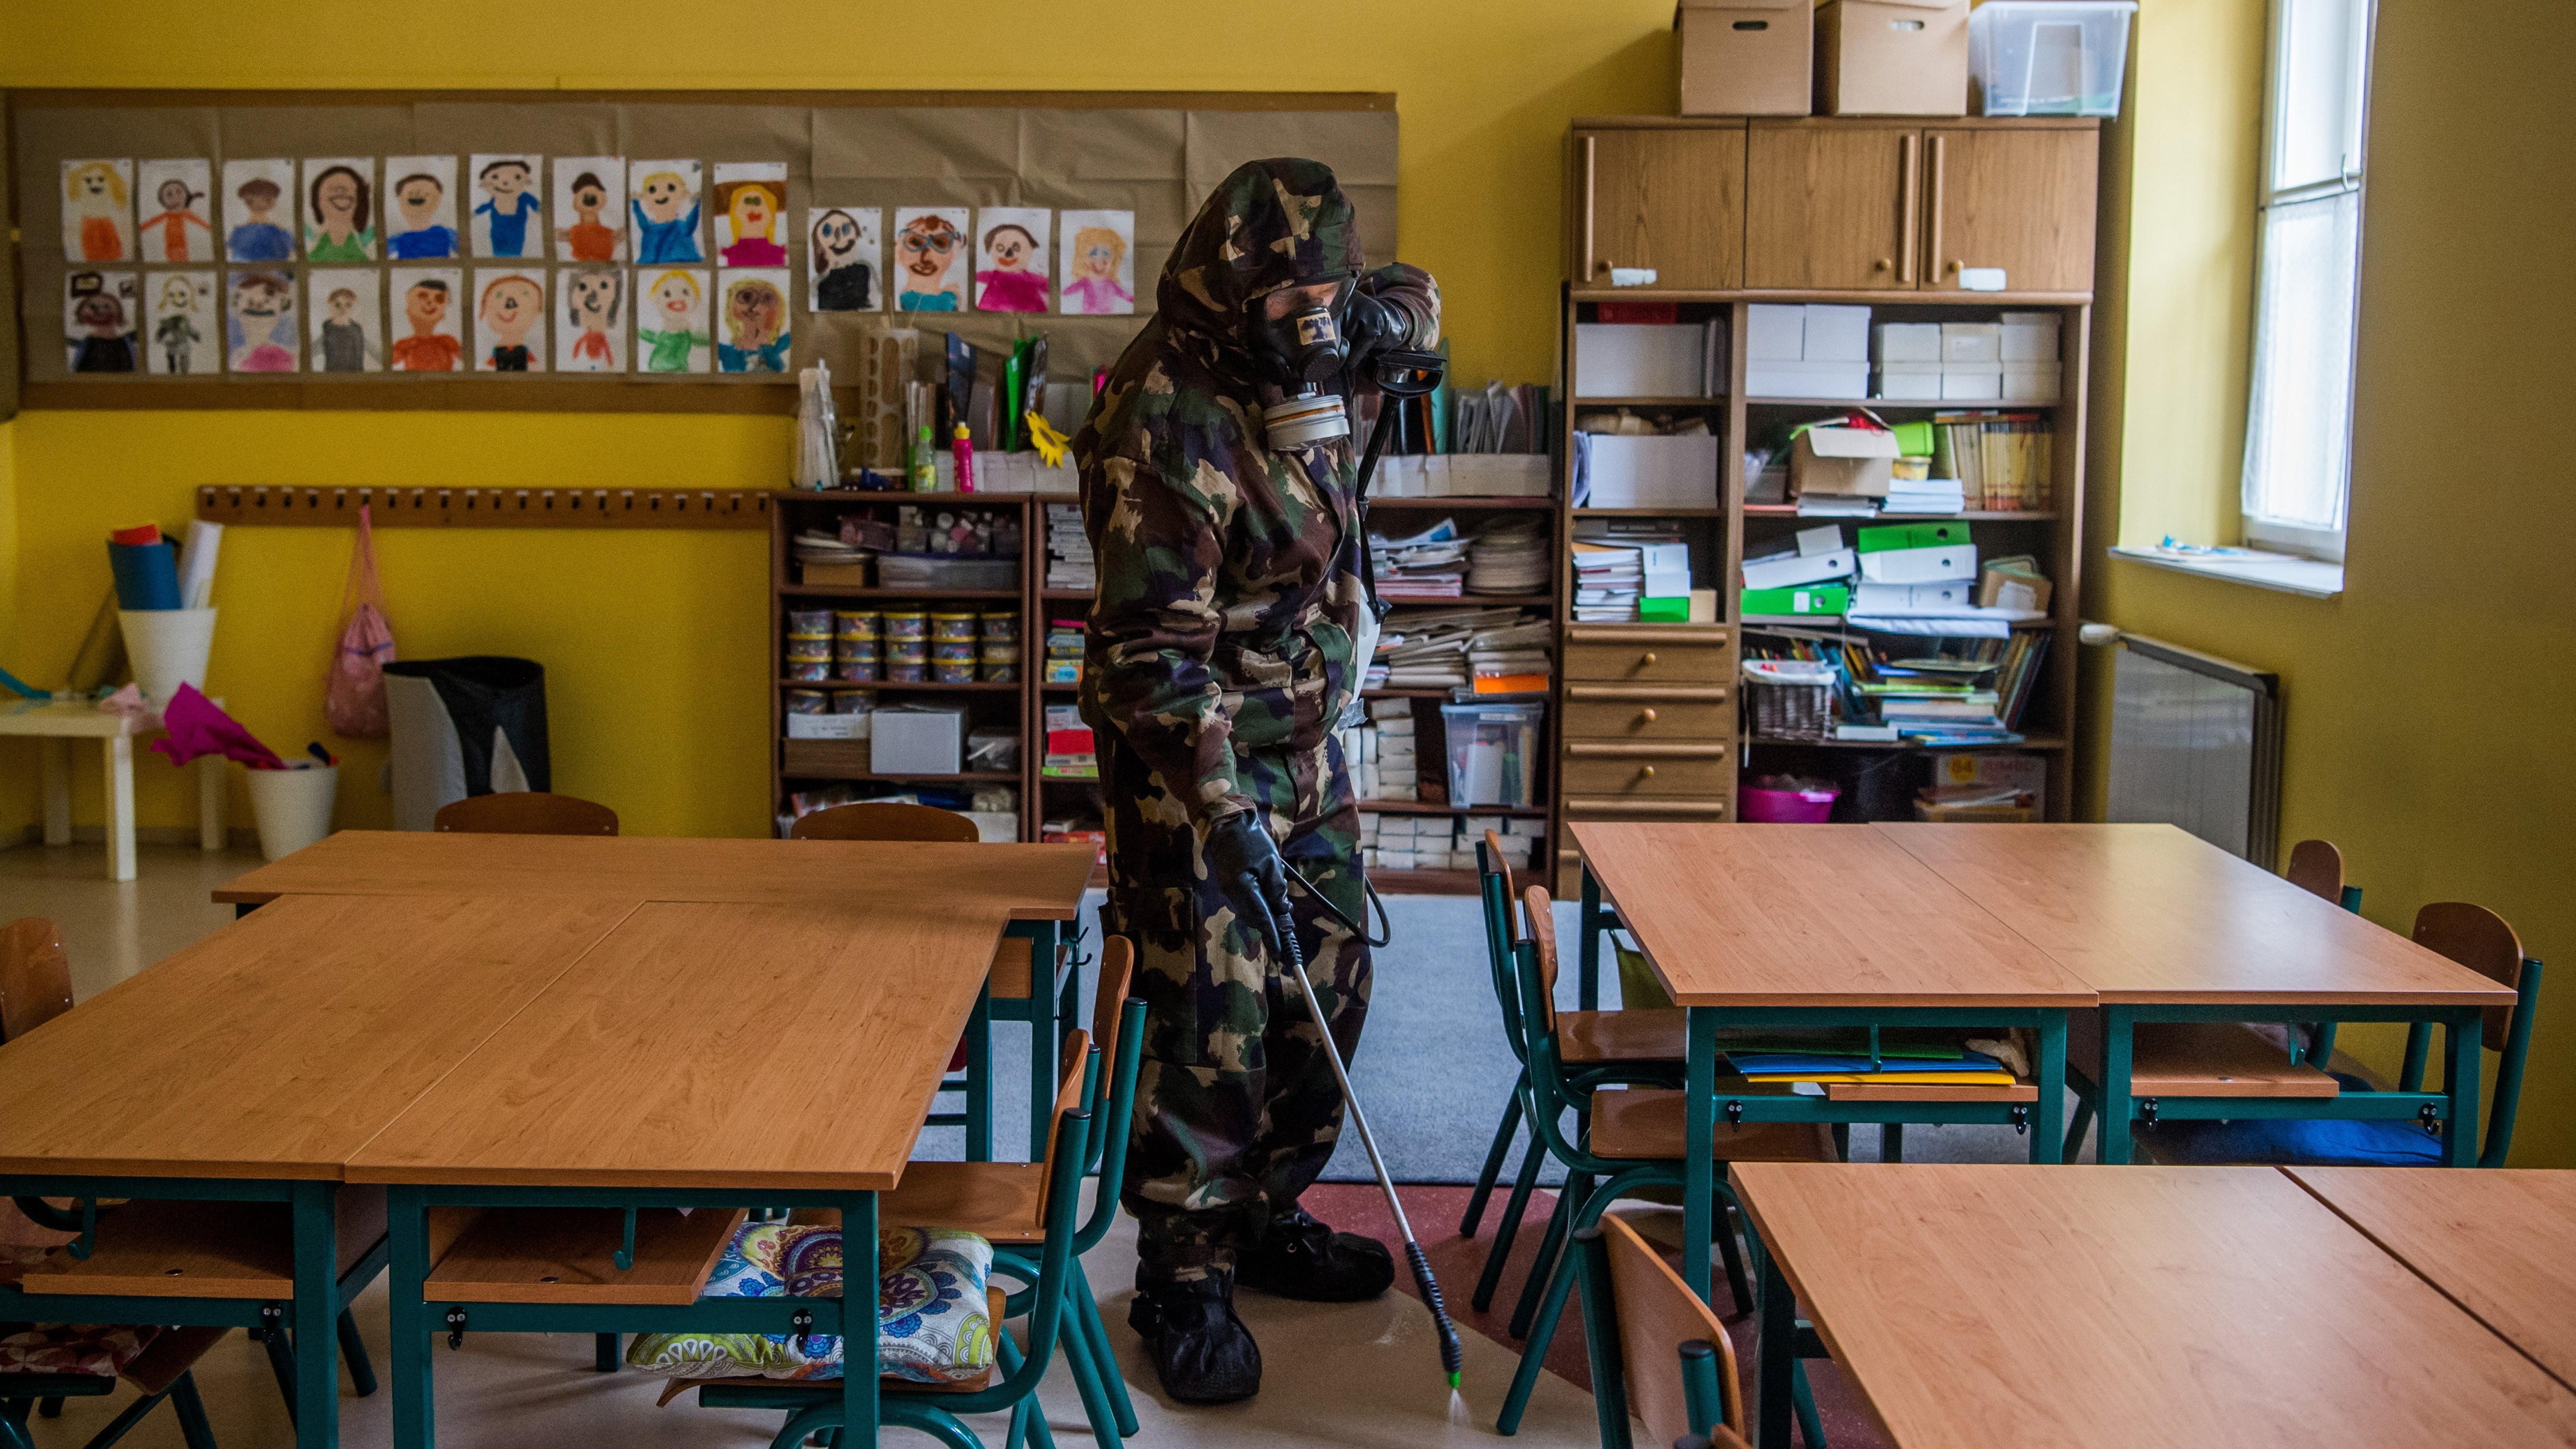 A koronavírus-járvány elleni védekezés részeként fertőtlenítést végez a Magyar Honvédség 93. Petőfi Sándor Vegyivédelmi Zászlóaljának katonája.